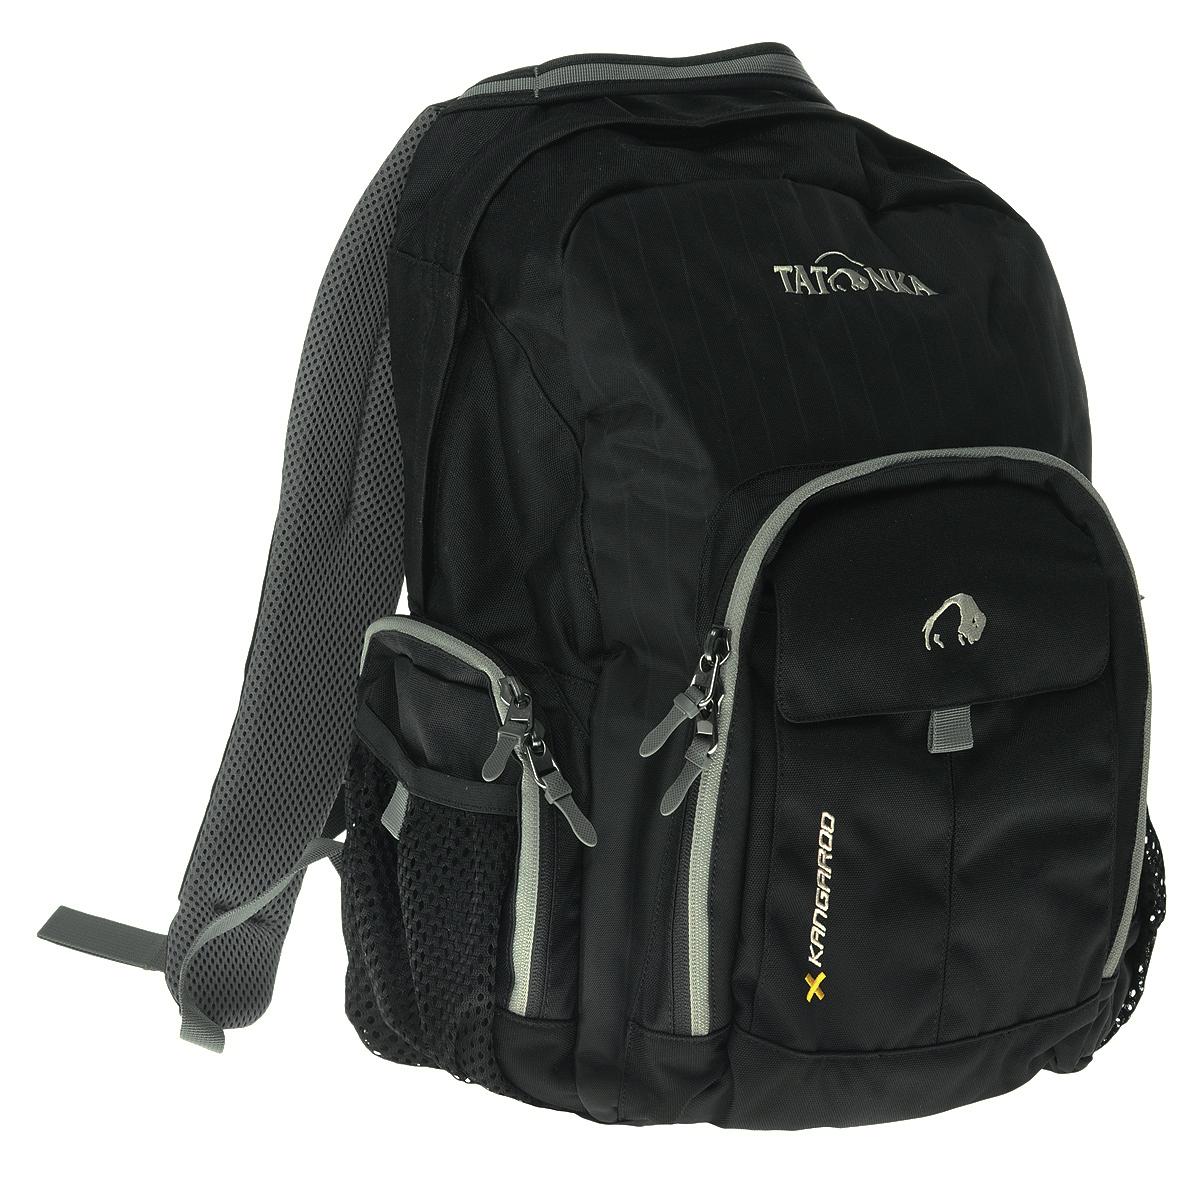 Рюкзак городской Tatonka Kangaroo, цвет: черный, 27 л. 1601.0401601.040Практичный городской рюкзак со множеством карманов. Рюкзак Kangaroo назван так вероятно потому, что в него можно уложить большое количество вещей. Для всего, что не помещается в основное отделение или должно находиться под рукой, рюкзак Kangaroo располагает передним накладным карманом на молнии с органайзером и двумя боковыми сетчатыми карманами на молнии. Легкие грудной и поясной ремни обеспечивают дополнительную фиксацию рюкзака. Спинка, обтянутая воздухопроницаемой сеткой AirMesh, удобно прилегает к спине и обеспечивает комфорт при ношении. Лямки так-же обтянуты сеточкой AirMesh и обеспечивают комфорт даже в жаркую погоду.Особенности:Подвеска: Padded Back.Материал: Textreme 6.6; Cross Nylon 420HD; AirMesh.Подвеска Back Comfort.Лямки и спинка обтянуты сеточкой AirMesh.Передний накладной карман с органайзером.Внутренний карман.Боковые кармашки на молнии.Ручка для переноски.Съемные поясной ремень.Держатель ключей.Объем 27 л.